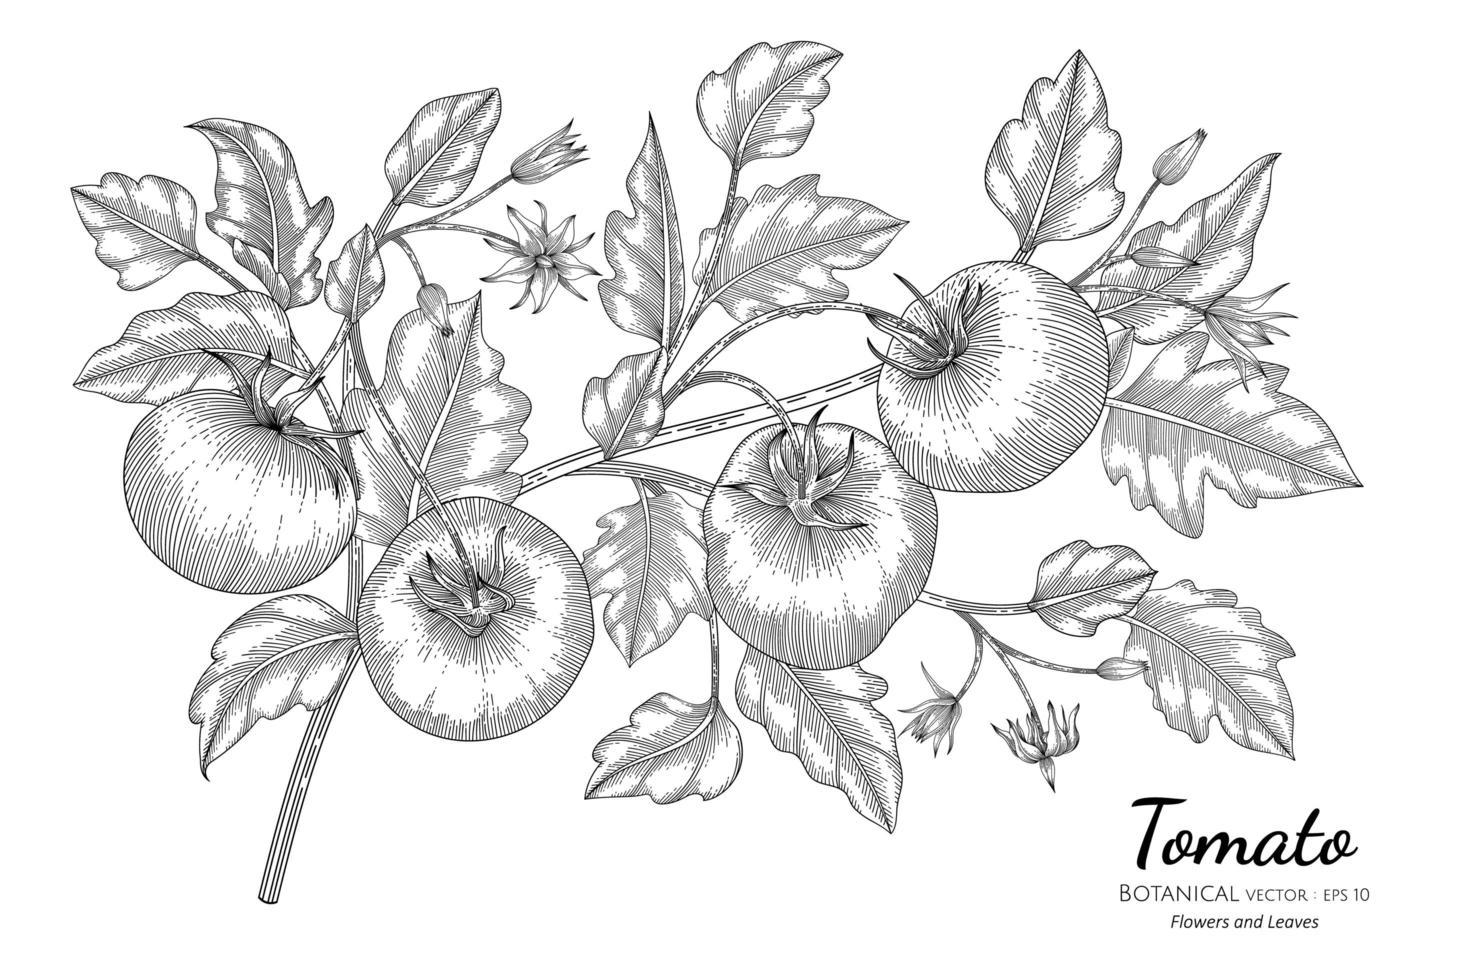 dessin au trait de branches de tomates dessinés à la main vecteur